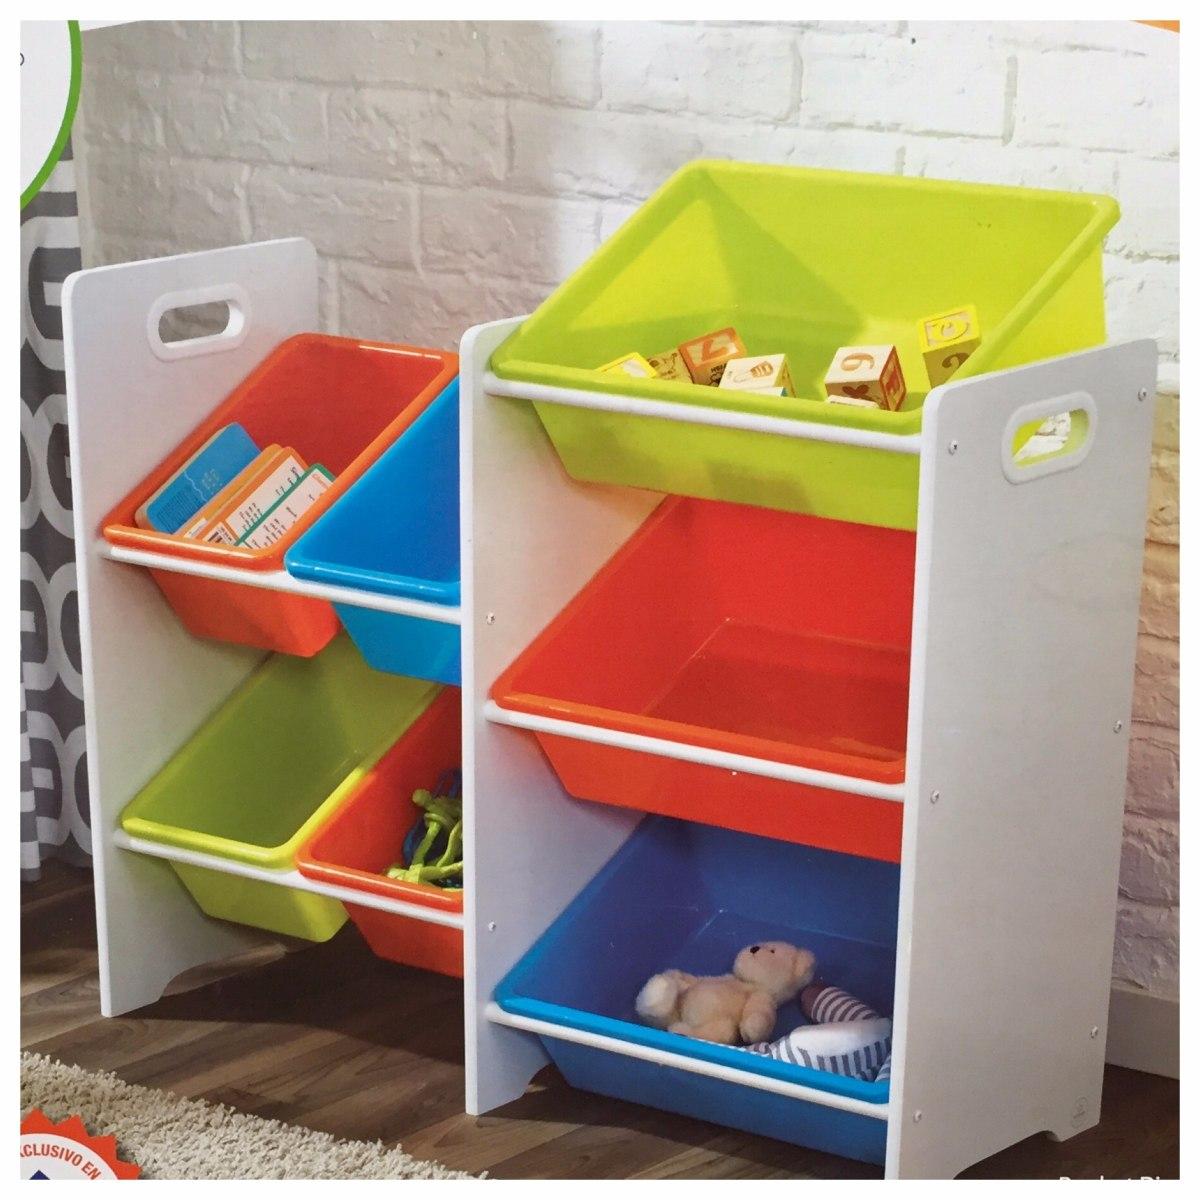 Kidkraft juguetero estanteria con 7 cubos para juguetes - Estanterias para juguetes ...